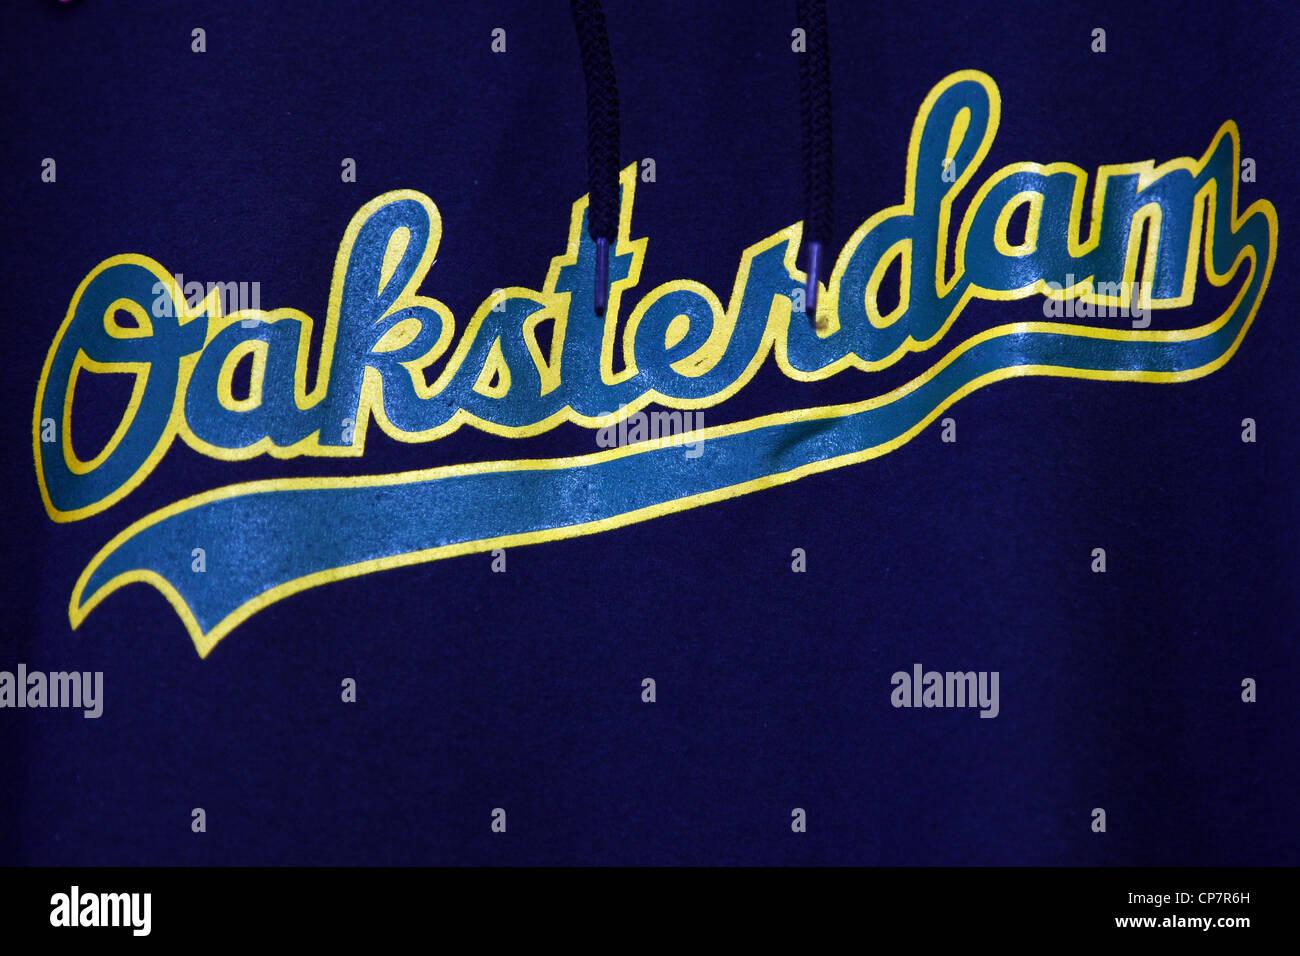 Logotipo de OAKSTERDAM CANNABIS OAKSTERDAM TIENDA DE REGALOS 06 Octubre 2011 Imagen De Stock